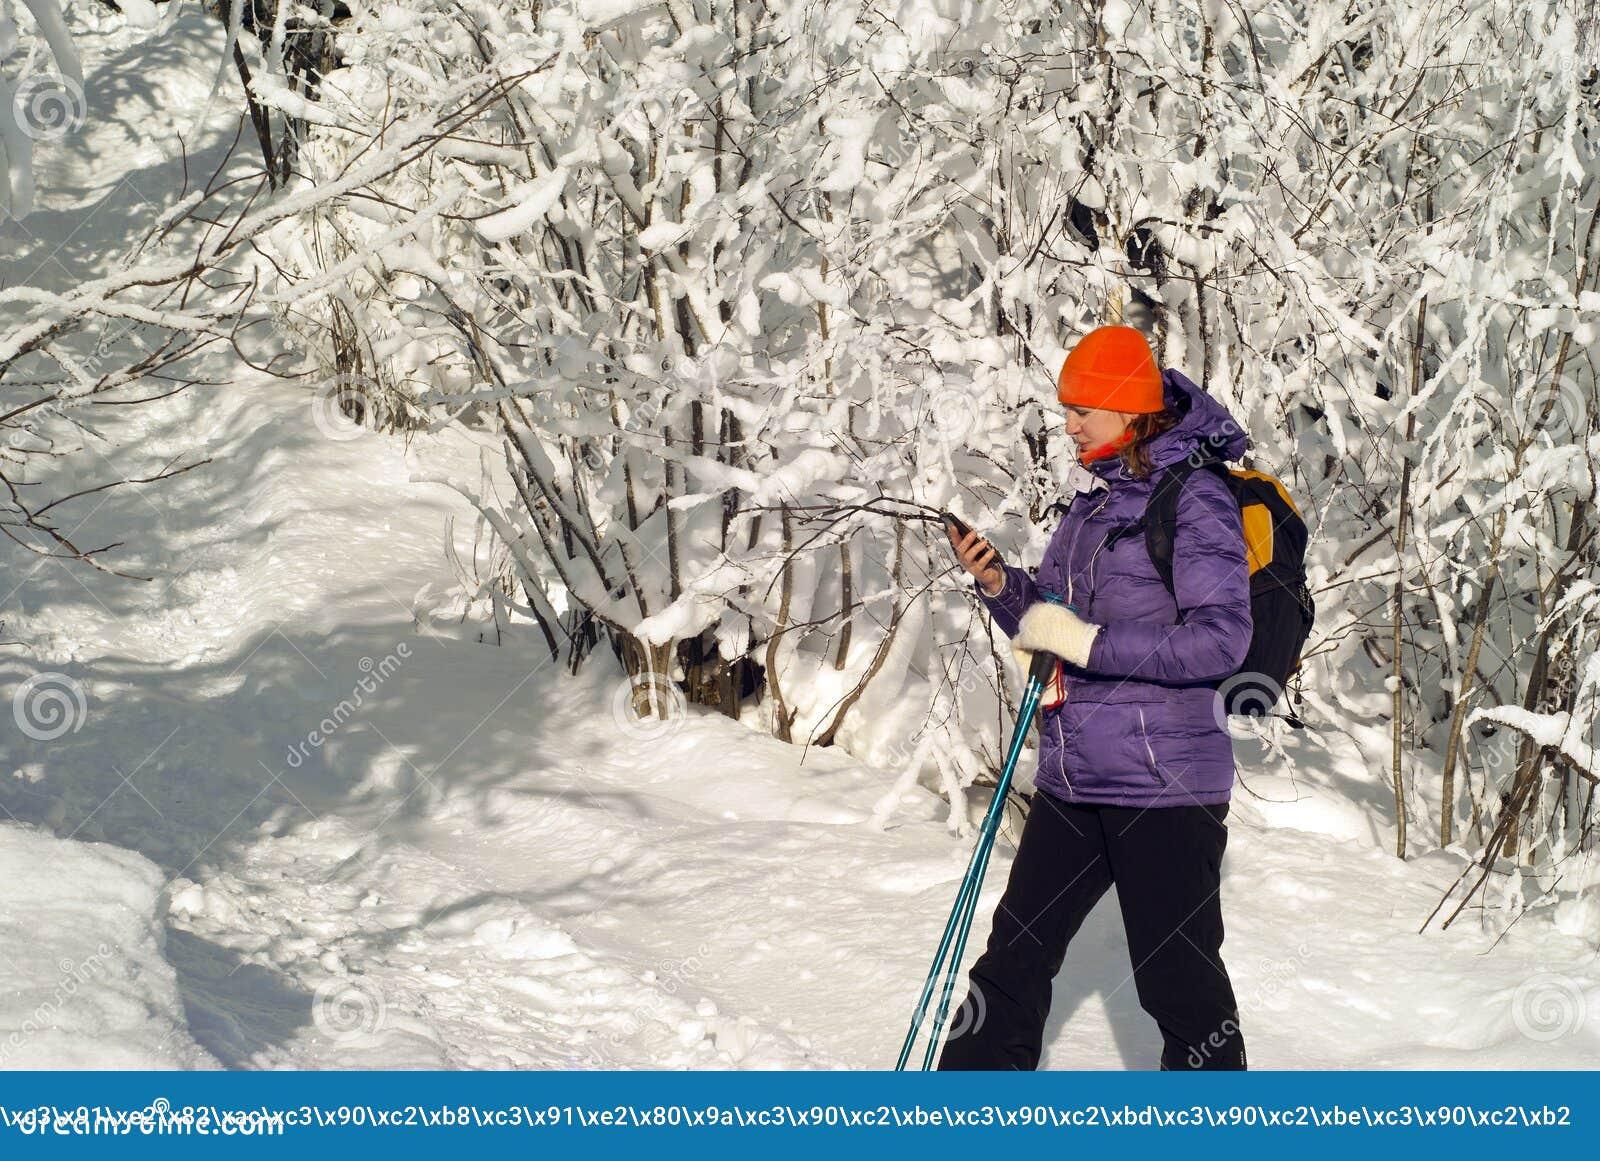 On a winter walk in communication